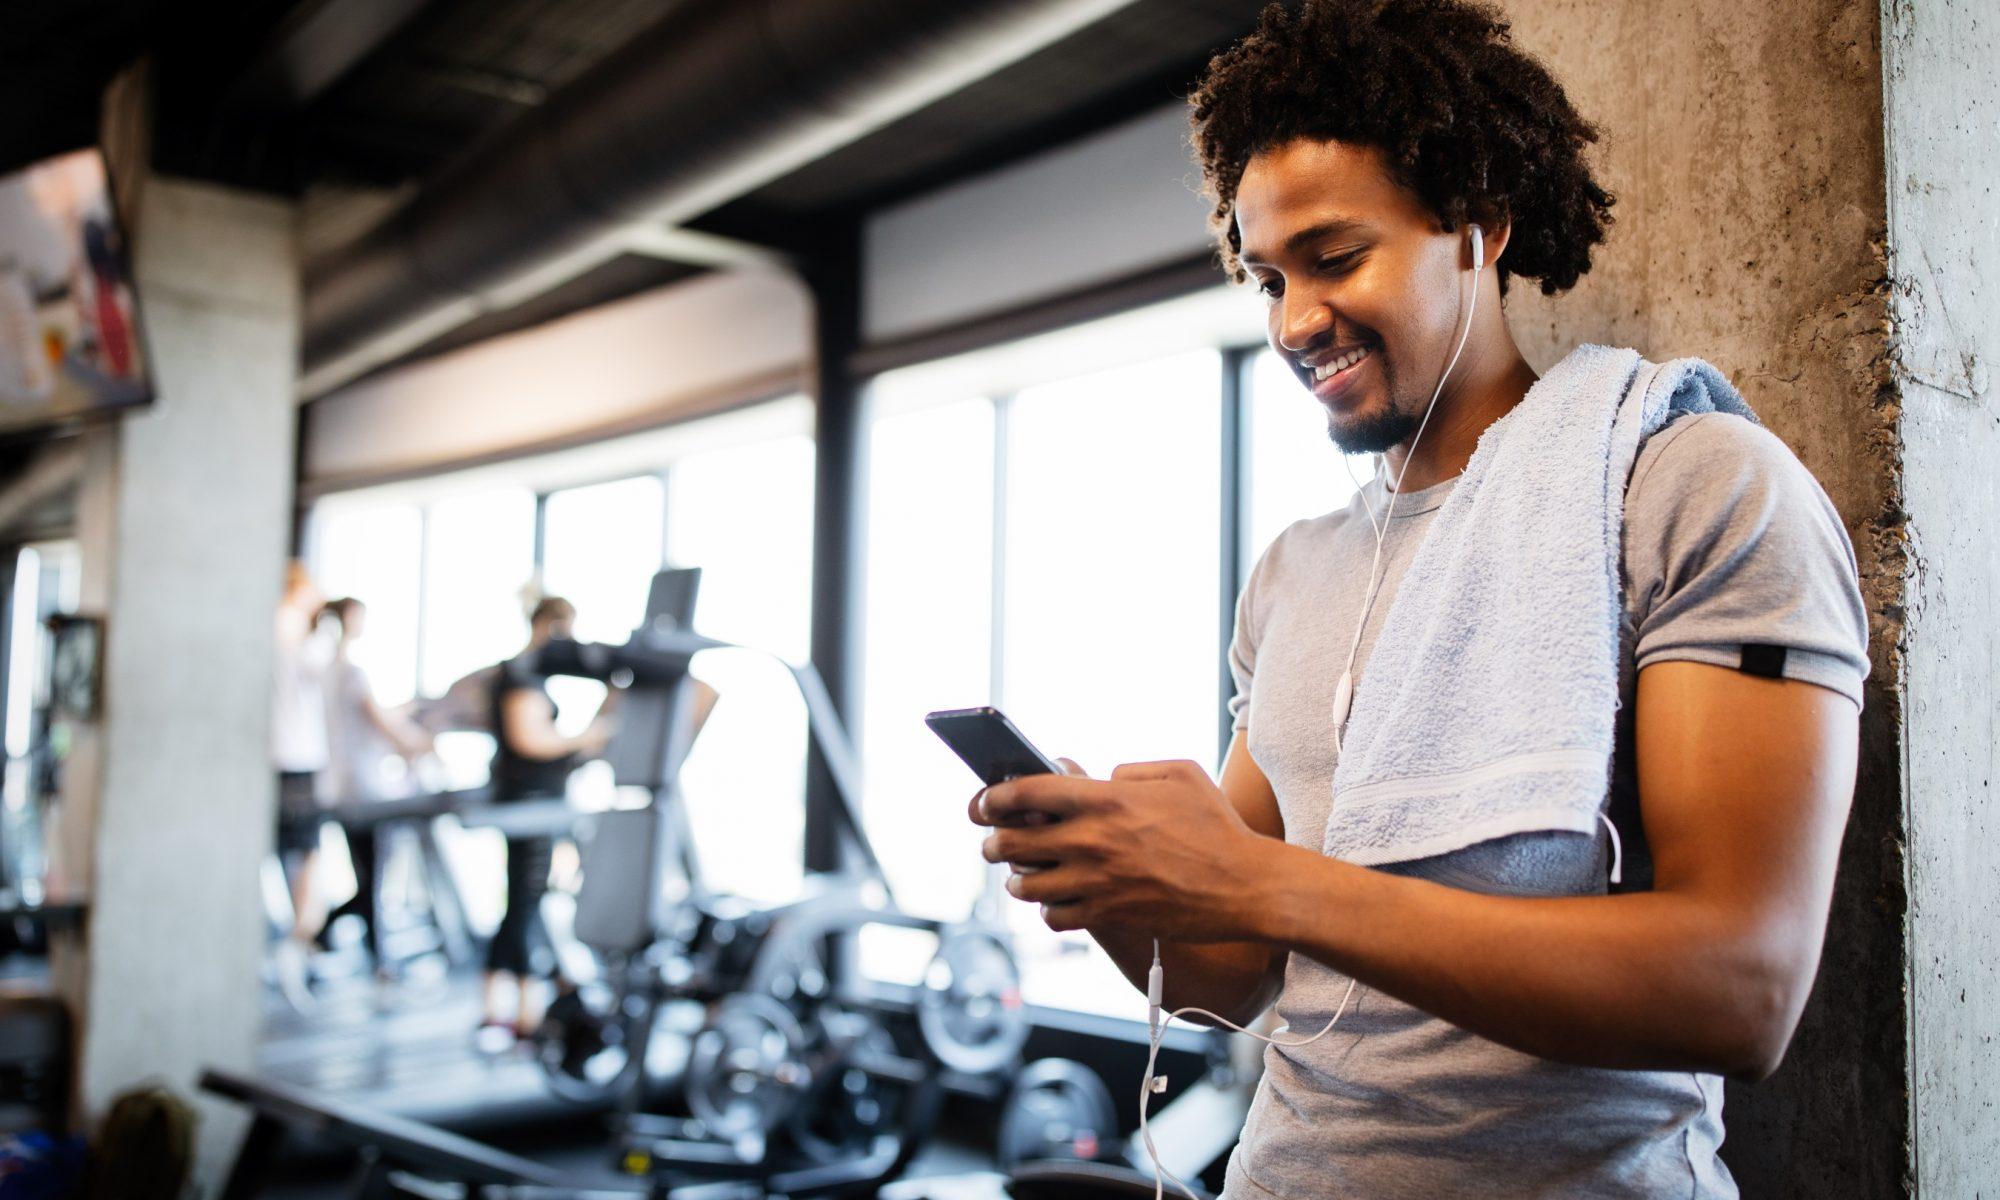 Pourquoi l'application CMS Workouts est l'outil idéal pour mon entraînement privé?